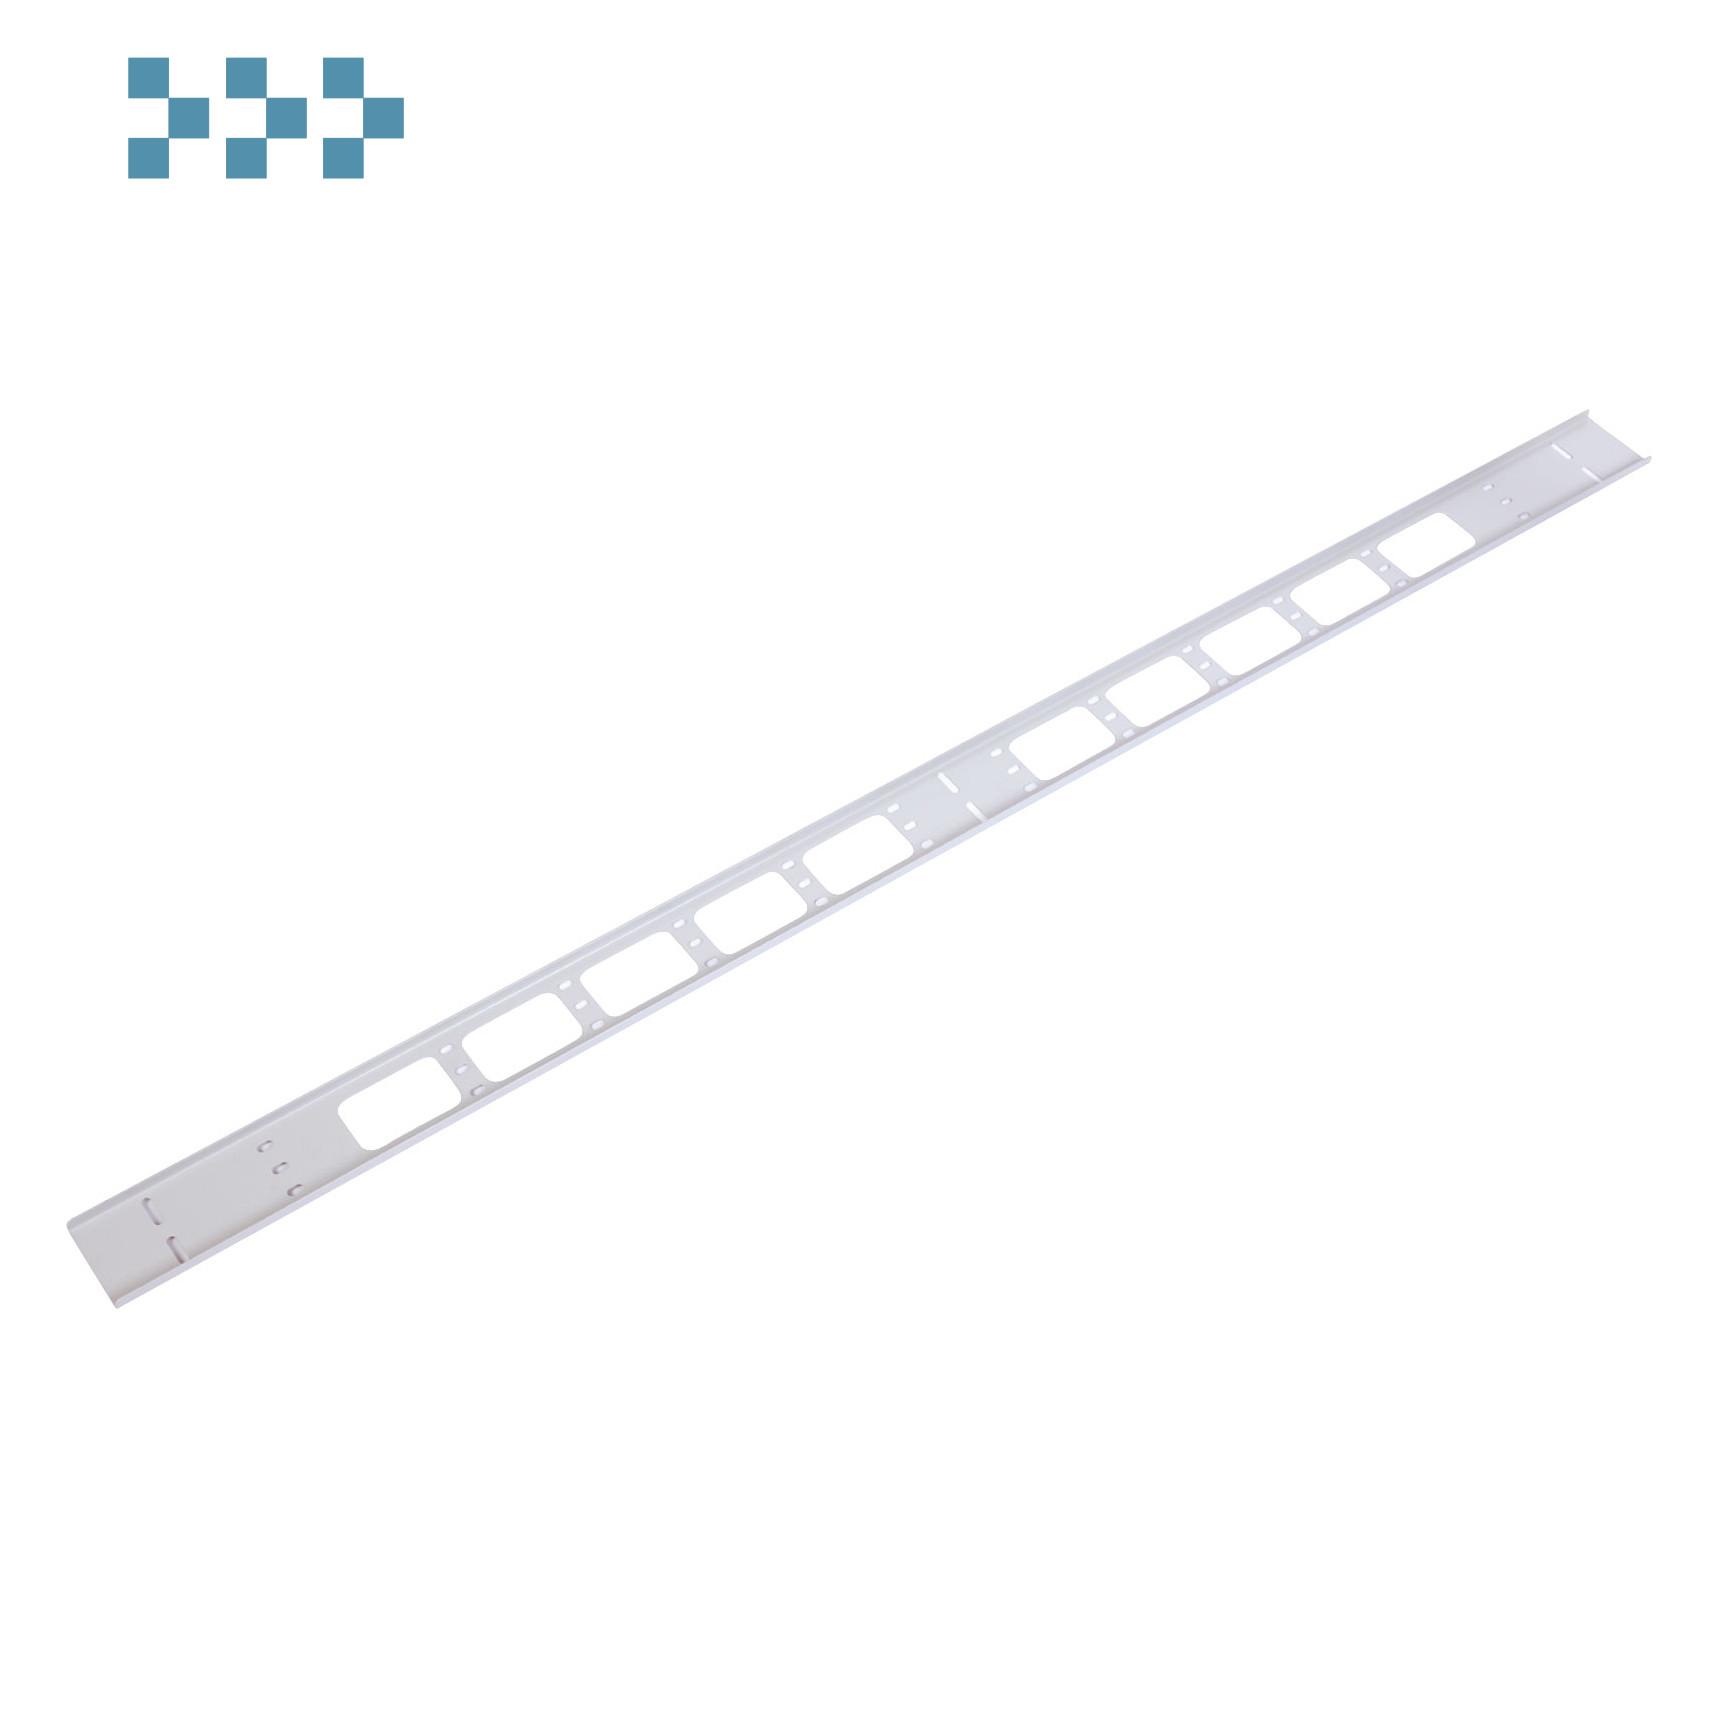 Органайзер кабельный ЦМО ВКО-М-27.75